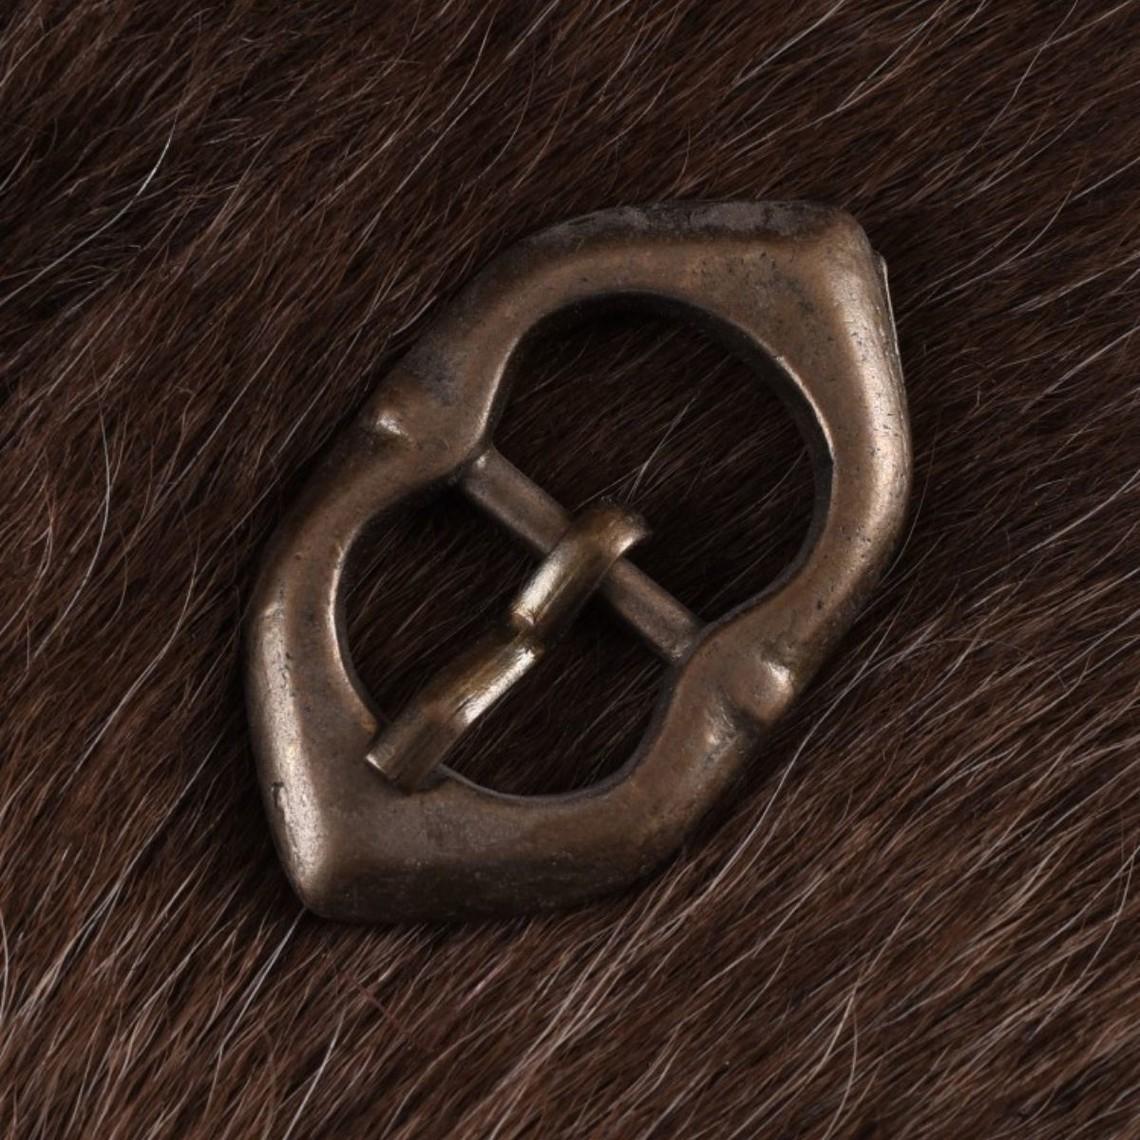 Deepeeka Spätmittelalterliche Schnalle 4 x 2,5 cm